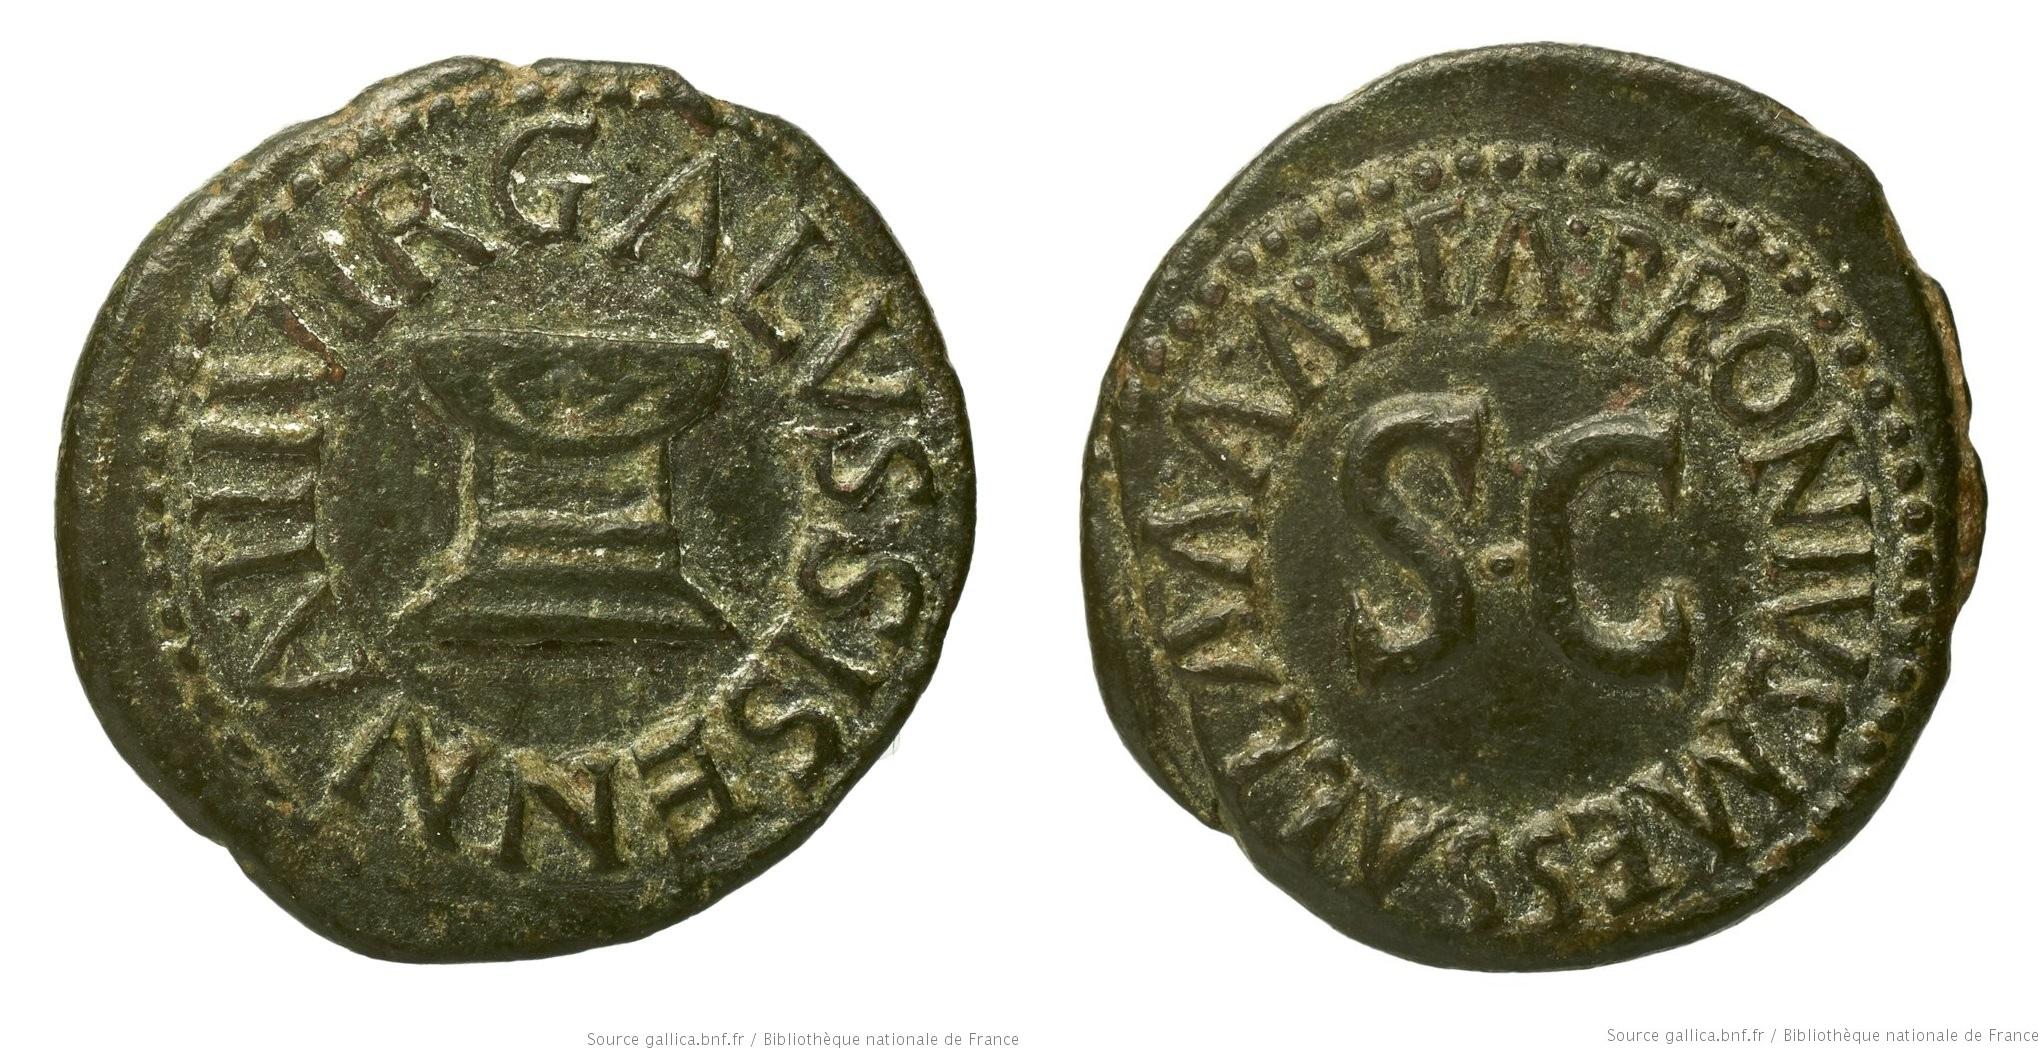 2187AU – Quadrans Auguste – Apronius, Galus, Messalla et Sisenna